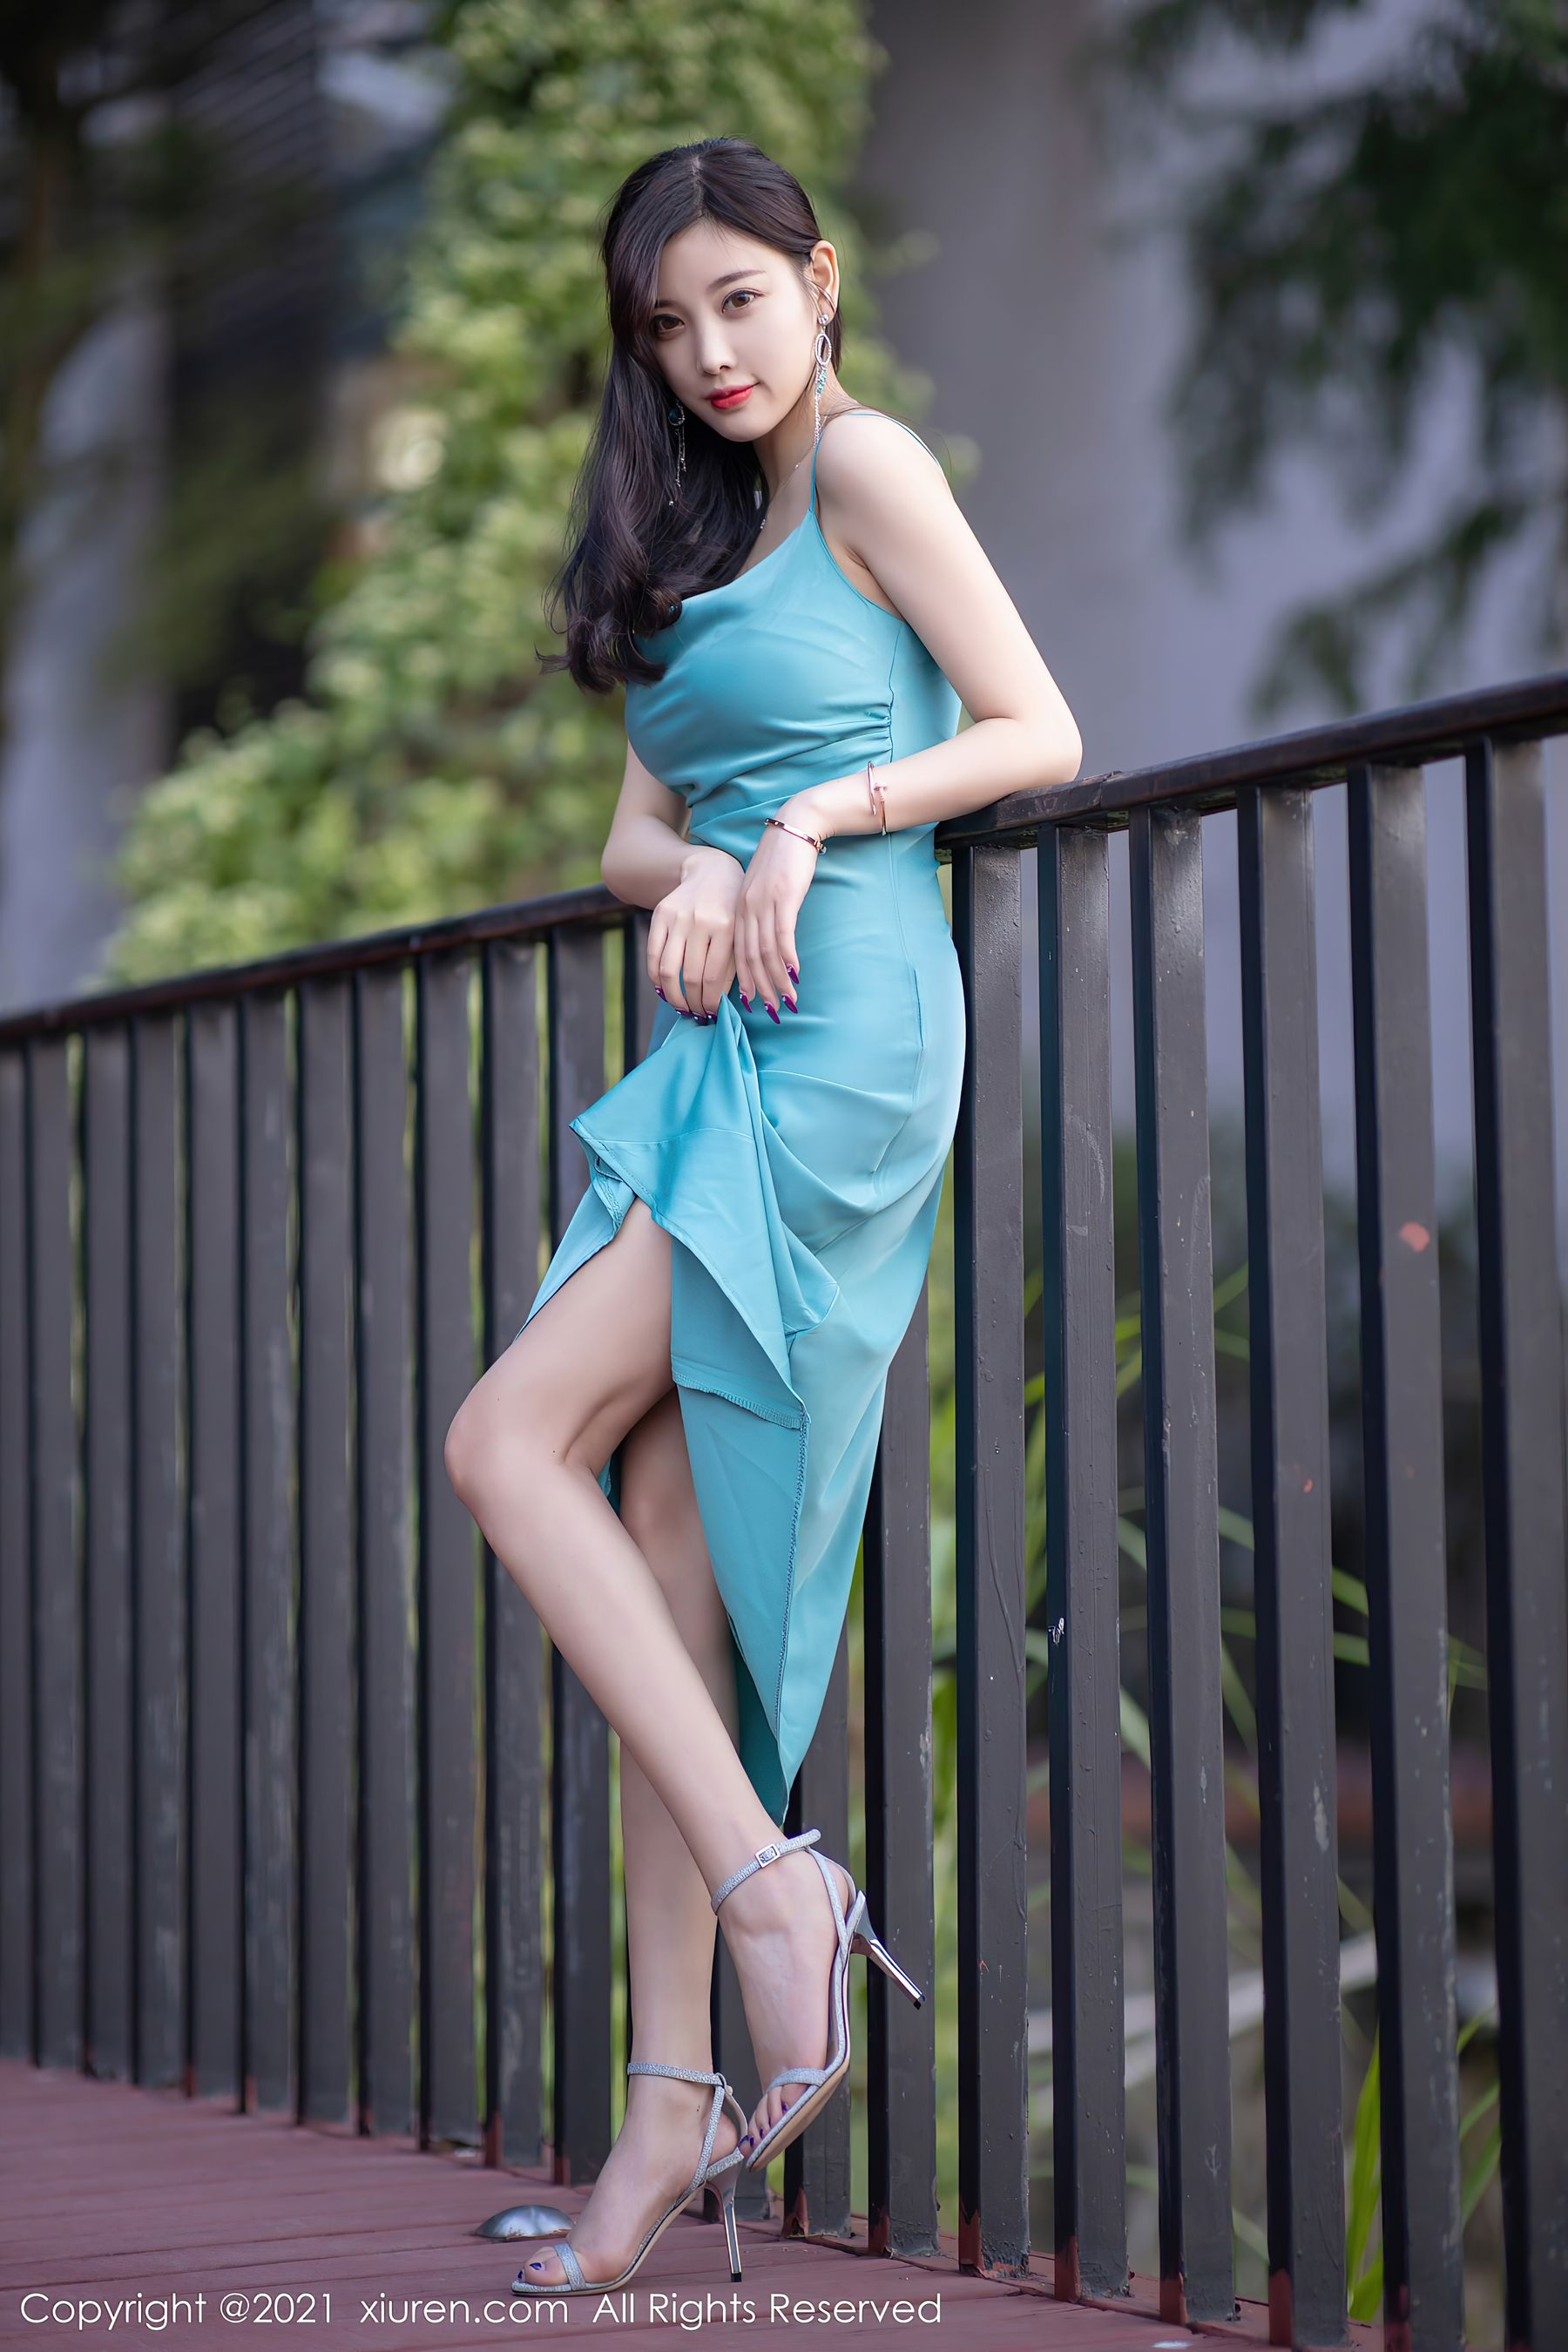 VOL.1267 [秀人网]长裙优雅美女轻熟女吊带:杨晨晨(sugar小甜心CC,杨晨晨sugar)超高清写真套图(67P)